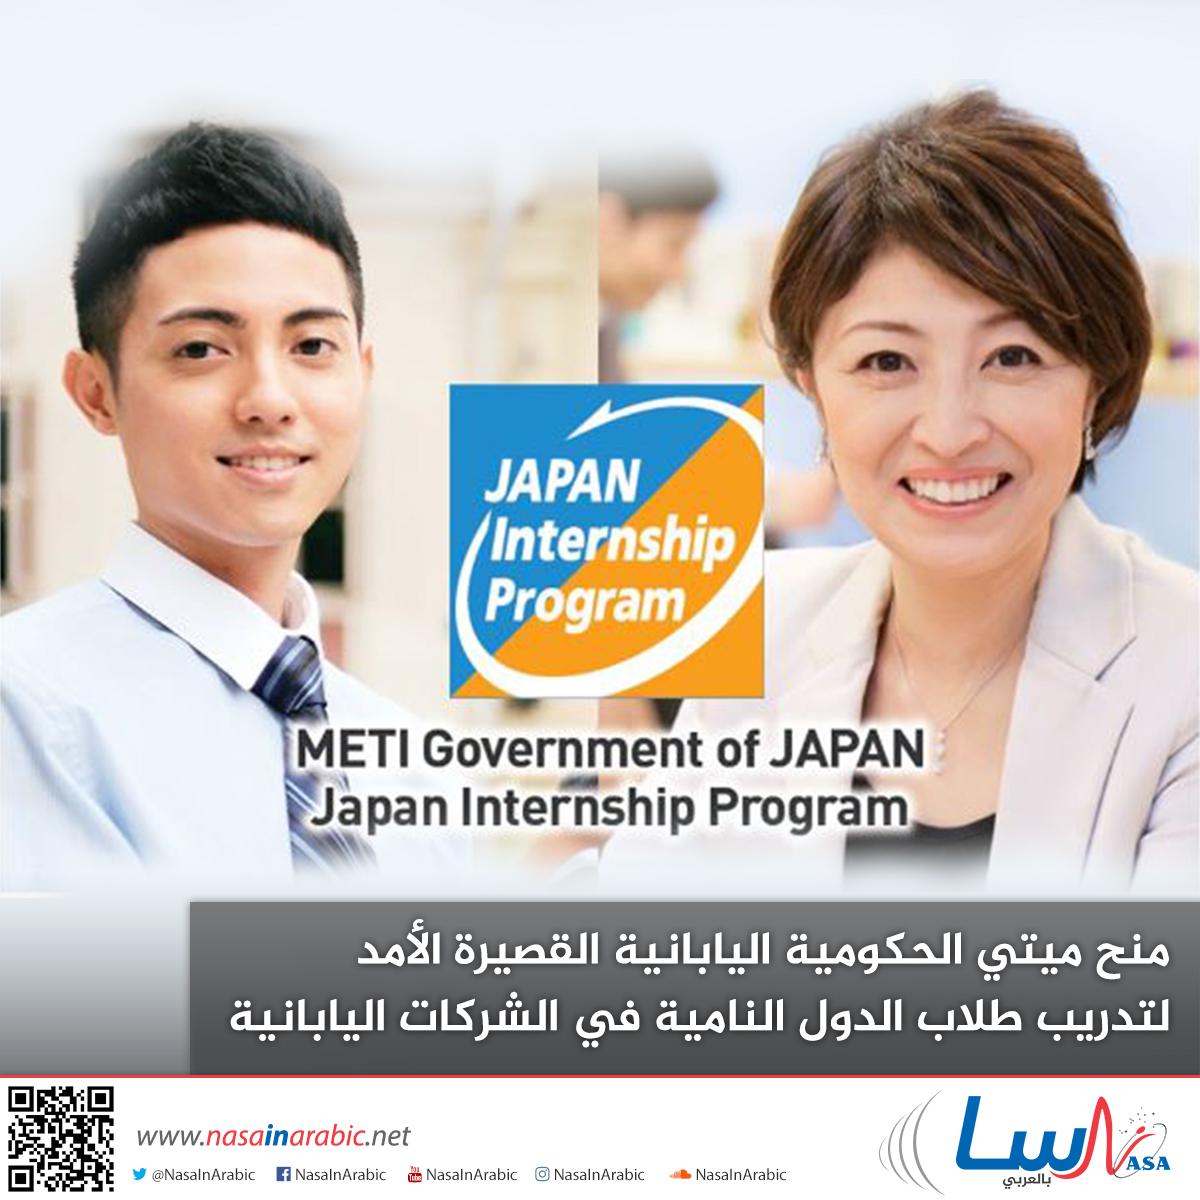 منح ميتي الحكومية اليابانية القصيرة الأمد لتدريب طلاب الدول النامية في الشركات اليابانية